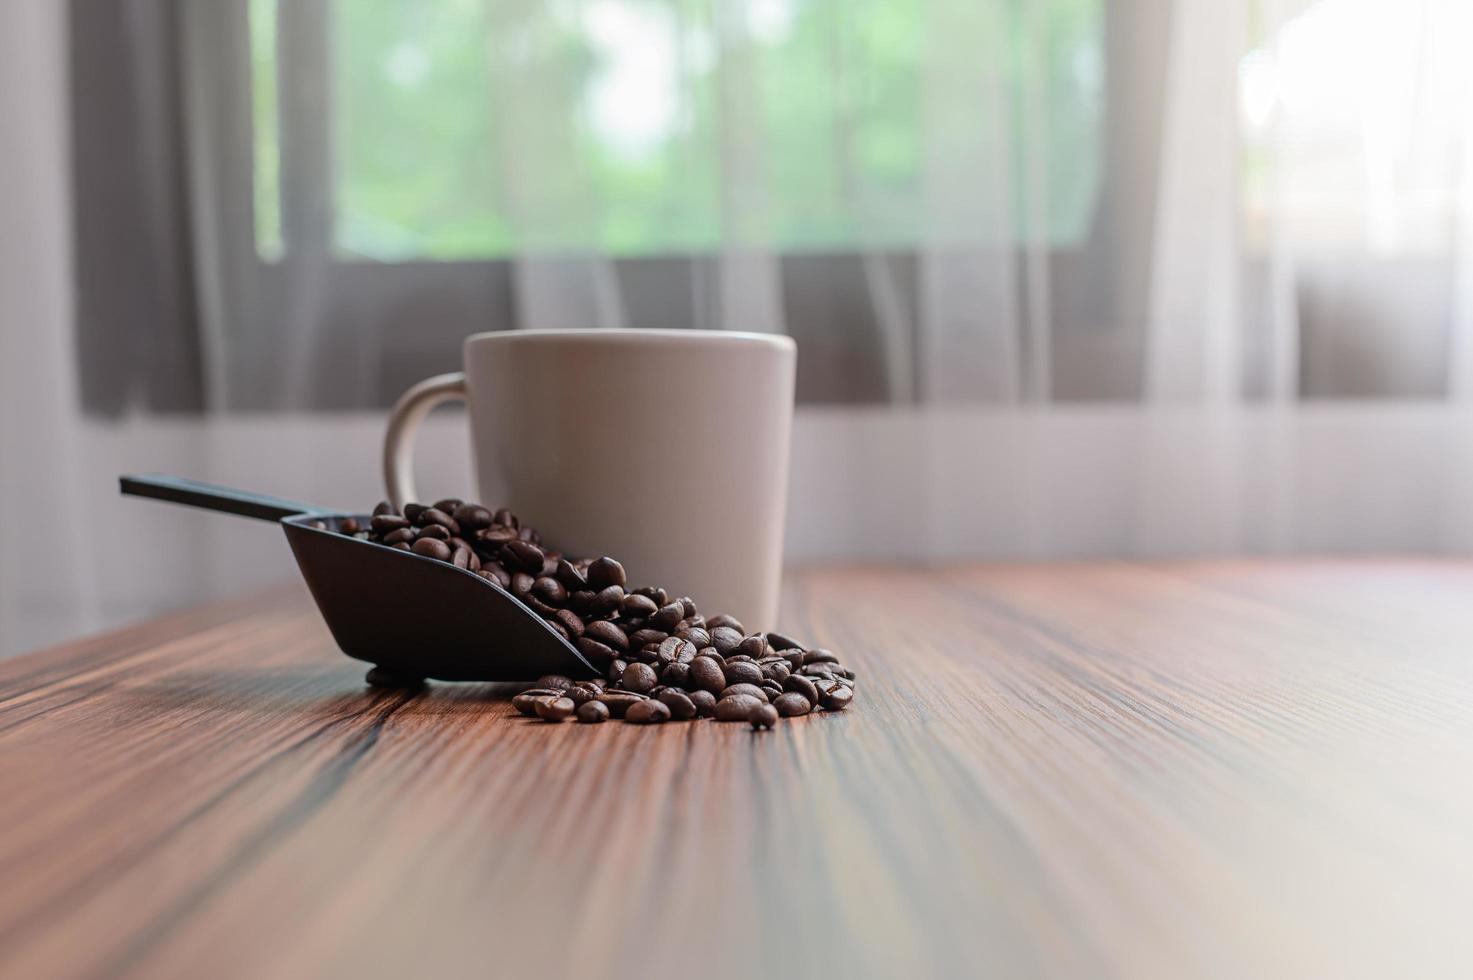 tasses à café et grains de café pour booster l'énergie photo